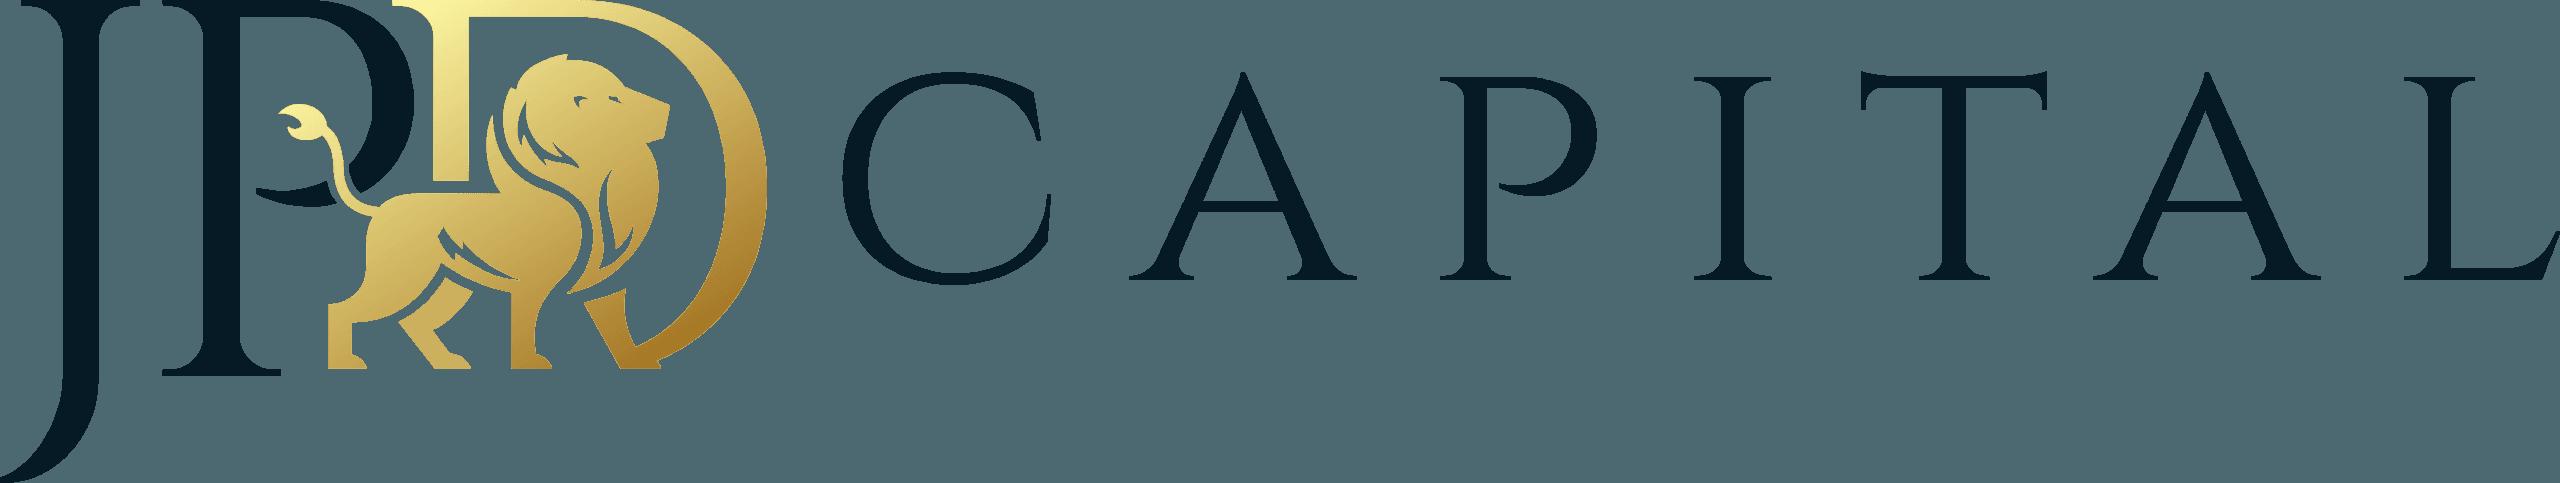 JPD Capital